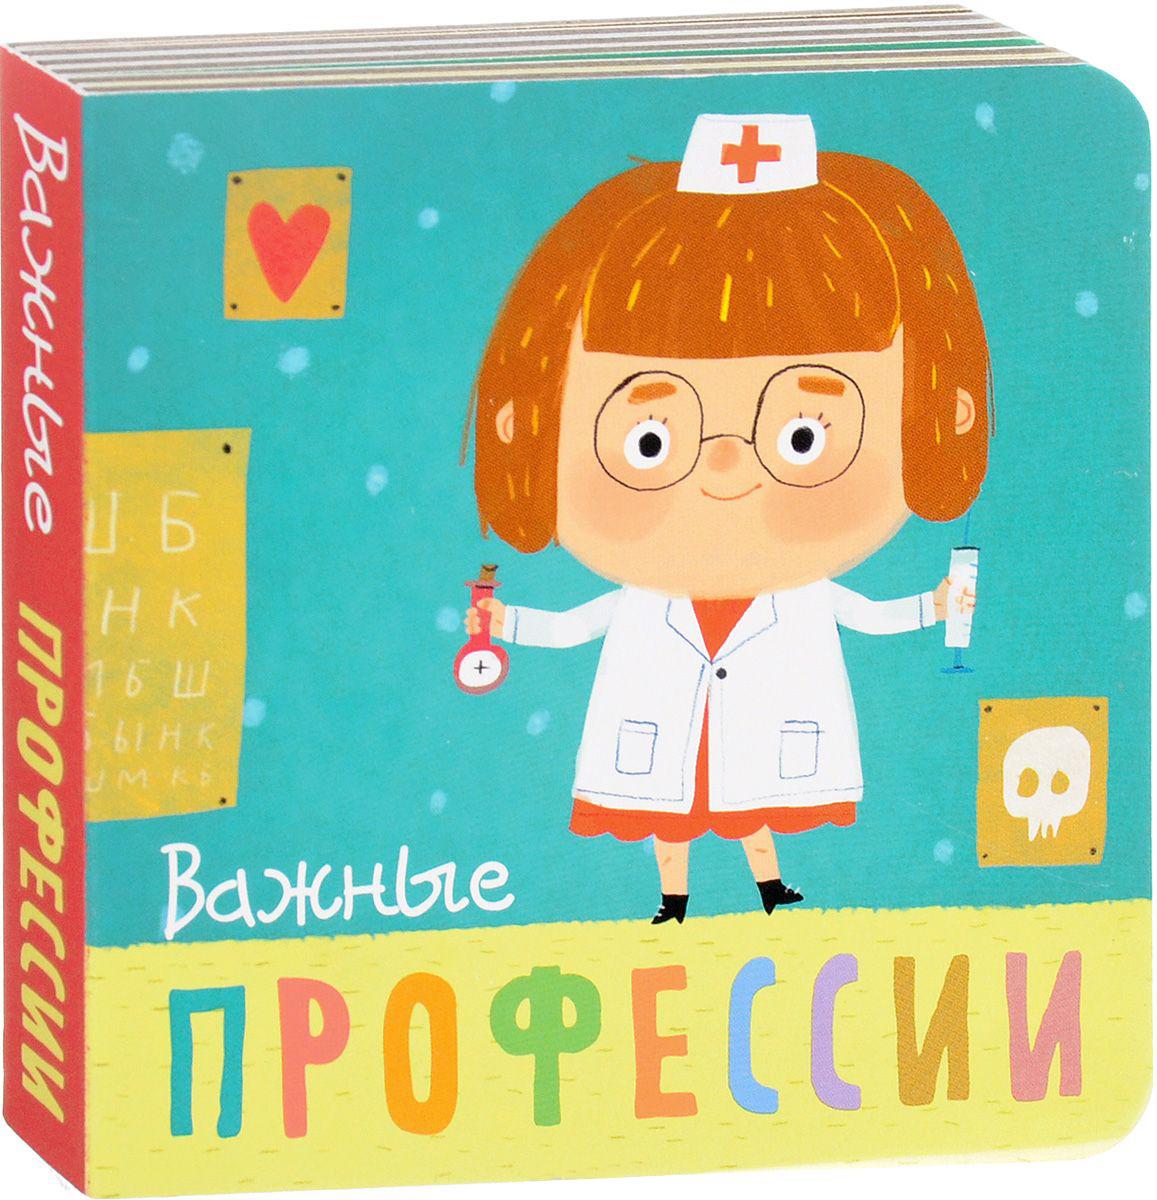 Профессии - Важные профессииОбучающие книги. Книги с картинками<br>Профессии - Важные профессии<br>